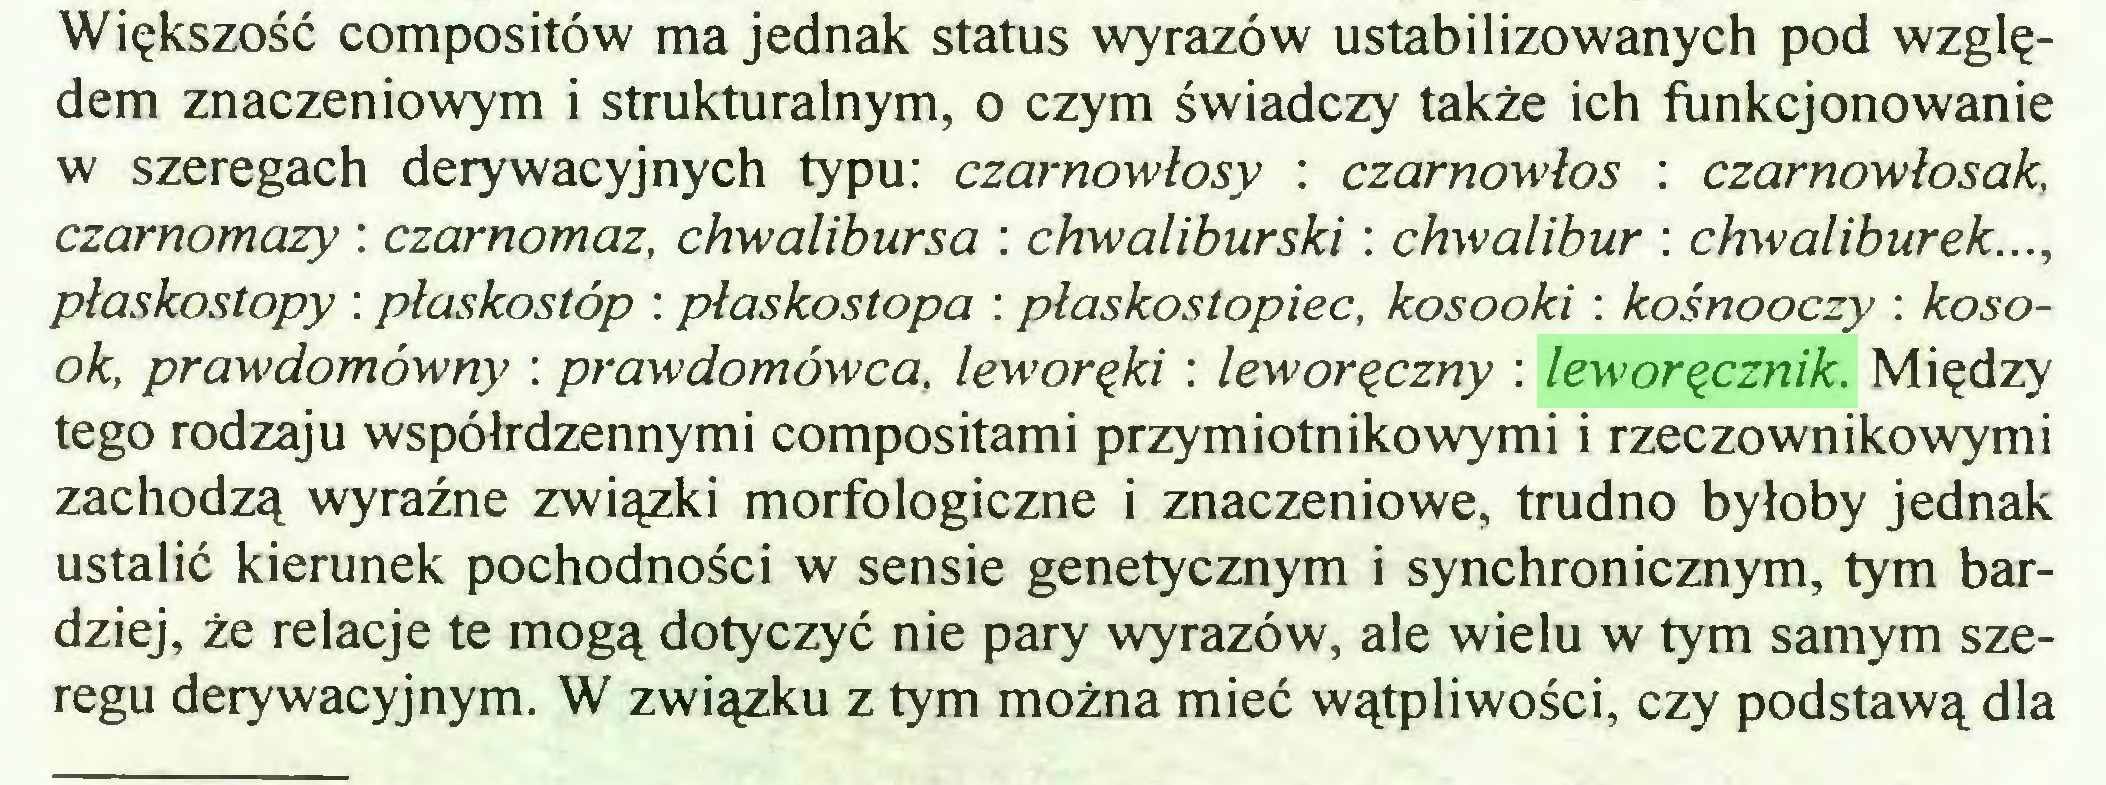 (...) Większość compositów ma jednak status wyrazów ustabilizowanych pod względem znaczeniowym i strukturalnym, o czym świadczy także ich funkcjonowanie w szeregach derywacyjnych typu: czarnowłosy : czarnowłos : czarnowłosak, czarnomazy : czarnomaz, chwalibursa : chwaliburski: chwalibur : chwaliburek..., płaskostopy : płaskostóp : płaskostopa : płaskostopiec, kosooki : kośnooczy : kosook, prawdomówny : prawdomówca, leworęki : leworęczny : leworęcznik. Między tego rodzaju współrdzennymi compositami przymiotnikowymi i rzeczownikowymi zachodzą wyraźne związki morfologiczne i znaczeniowe, trudno byłoby jednak ustalić kierunek pochodności w sensie genetycznym i synchronicznym, tym bardziej, że relacje te mogą dotyczyć nie pary wyrazów, ale wielu w tym samym szeregu derywacyjnym. W związku z tym można mieć wątpliwości, czy podstawą dla...